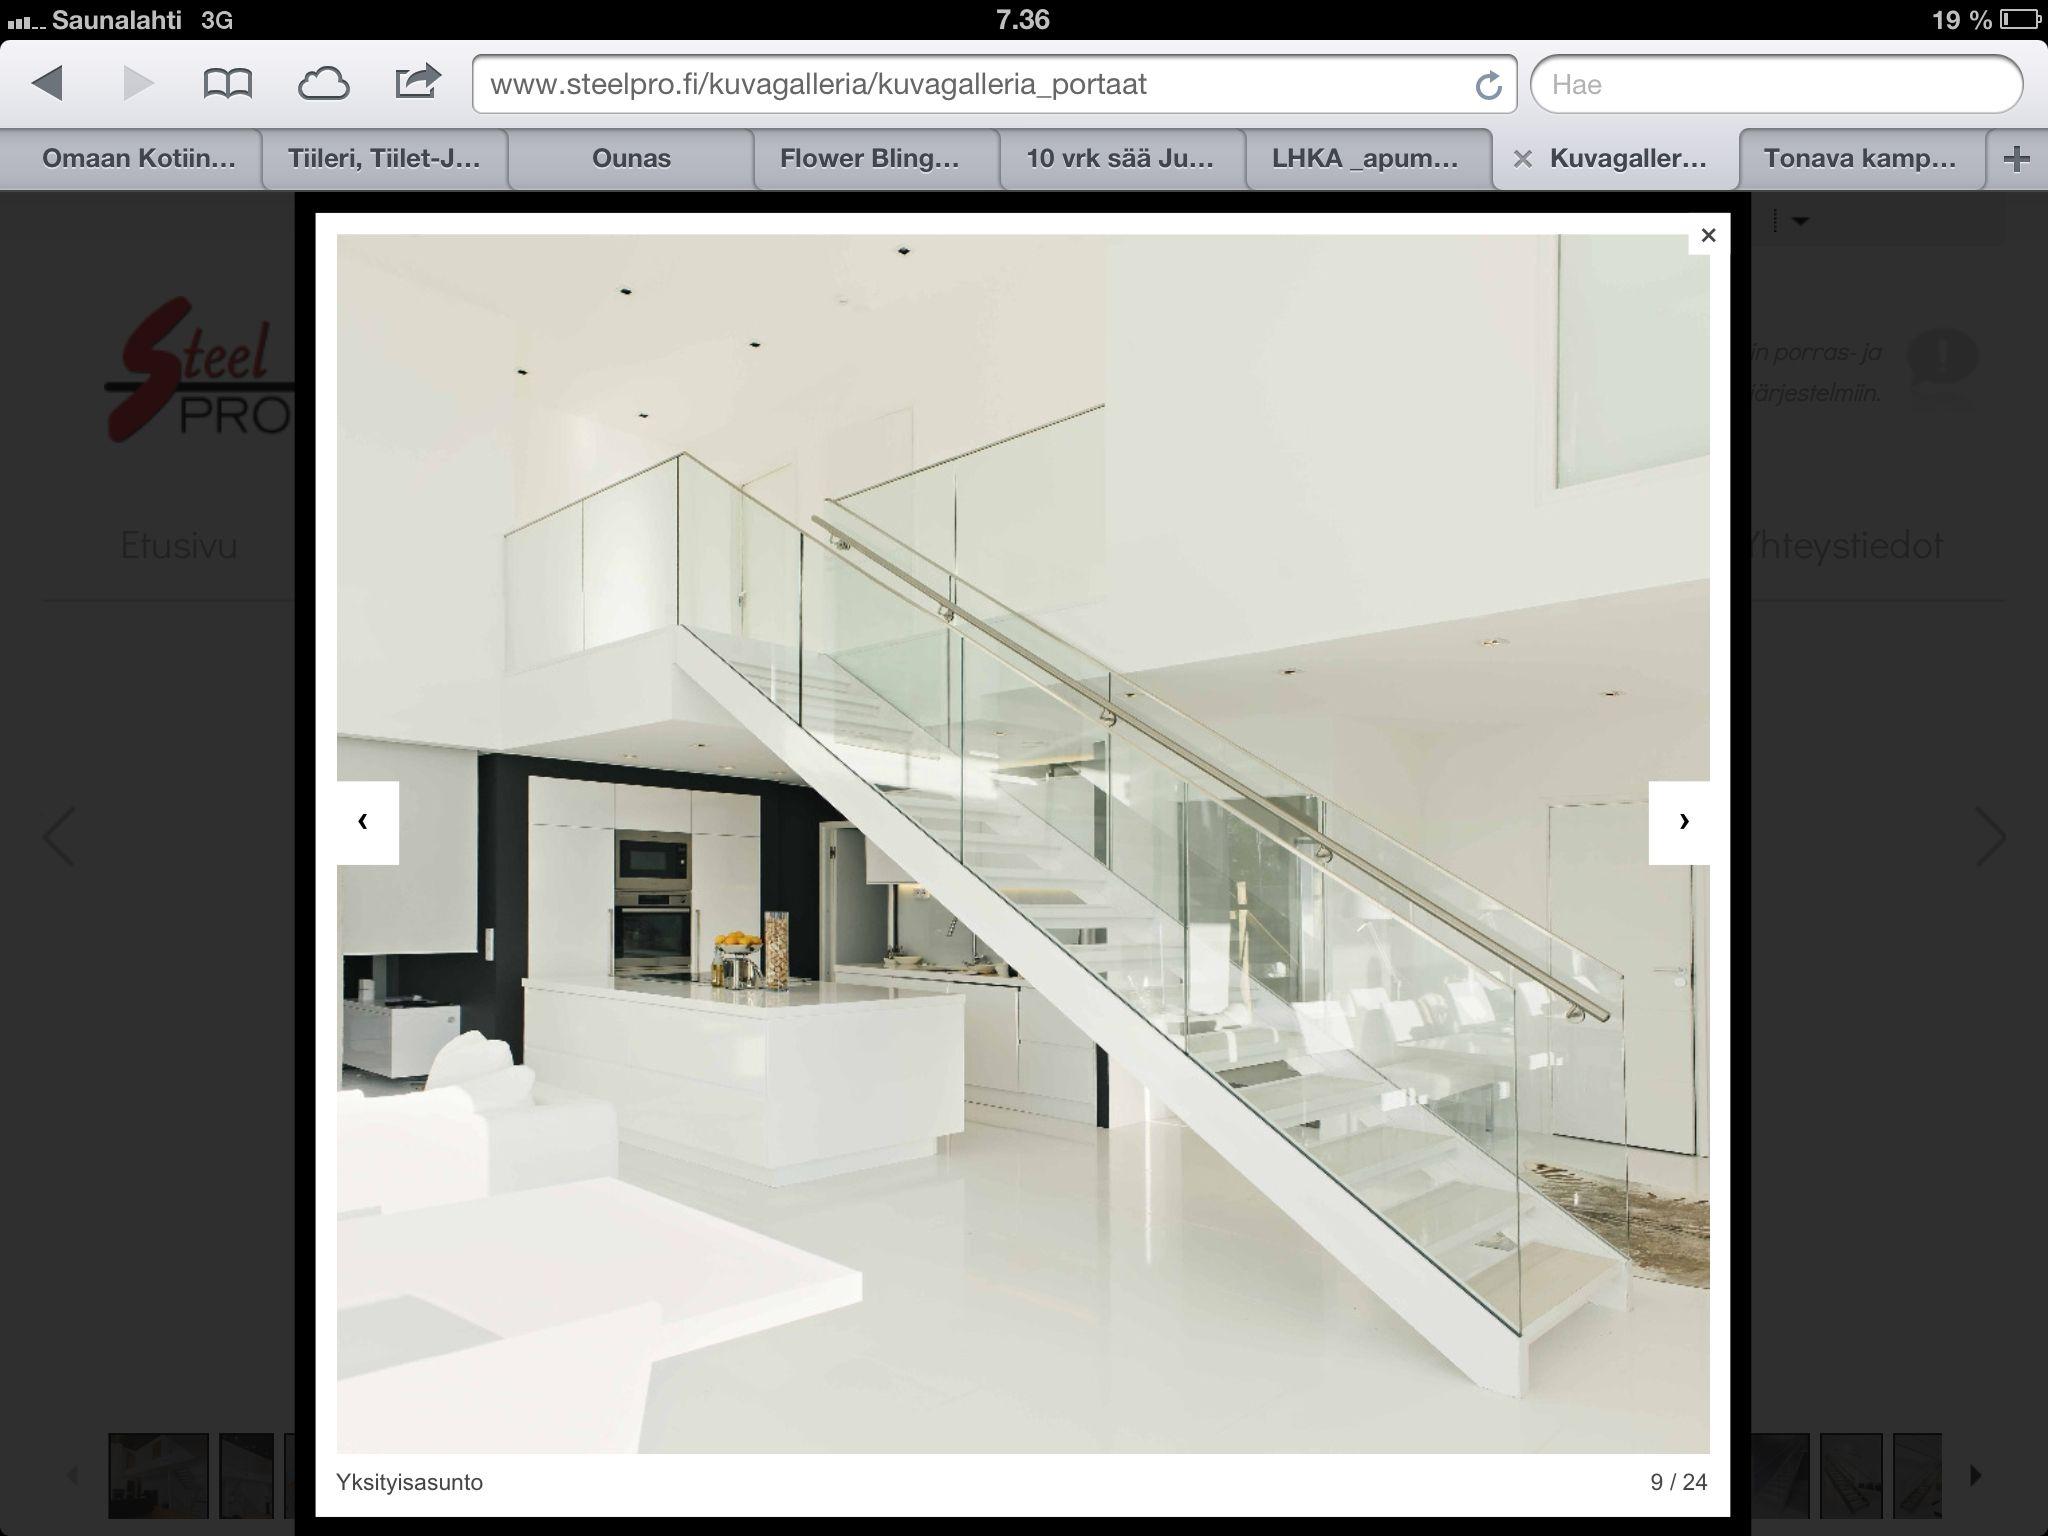 Kaunista: valoisaa, avaraa, paljon valkoista ja kiiltävää. Upeat portaat.